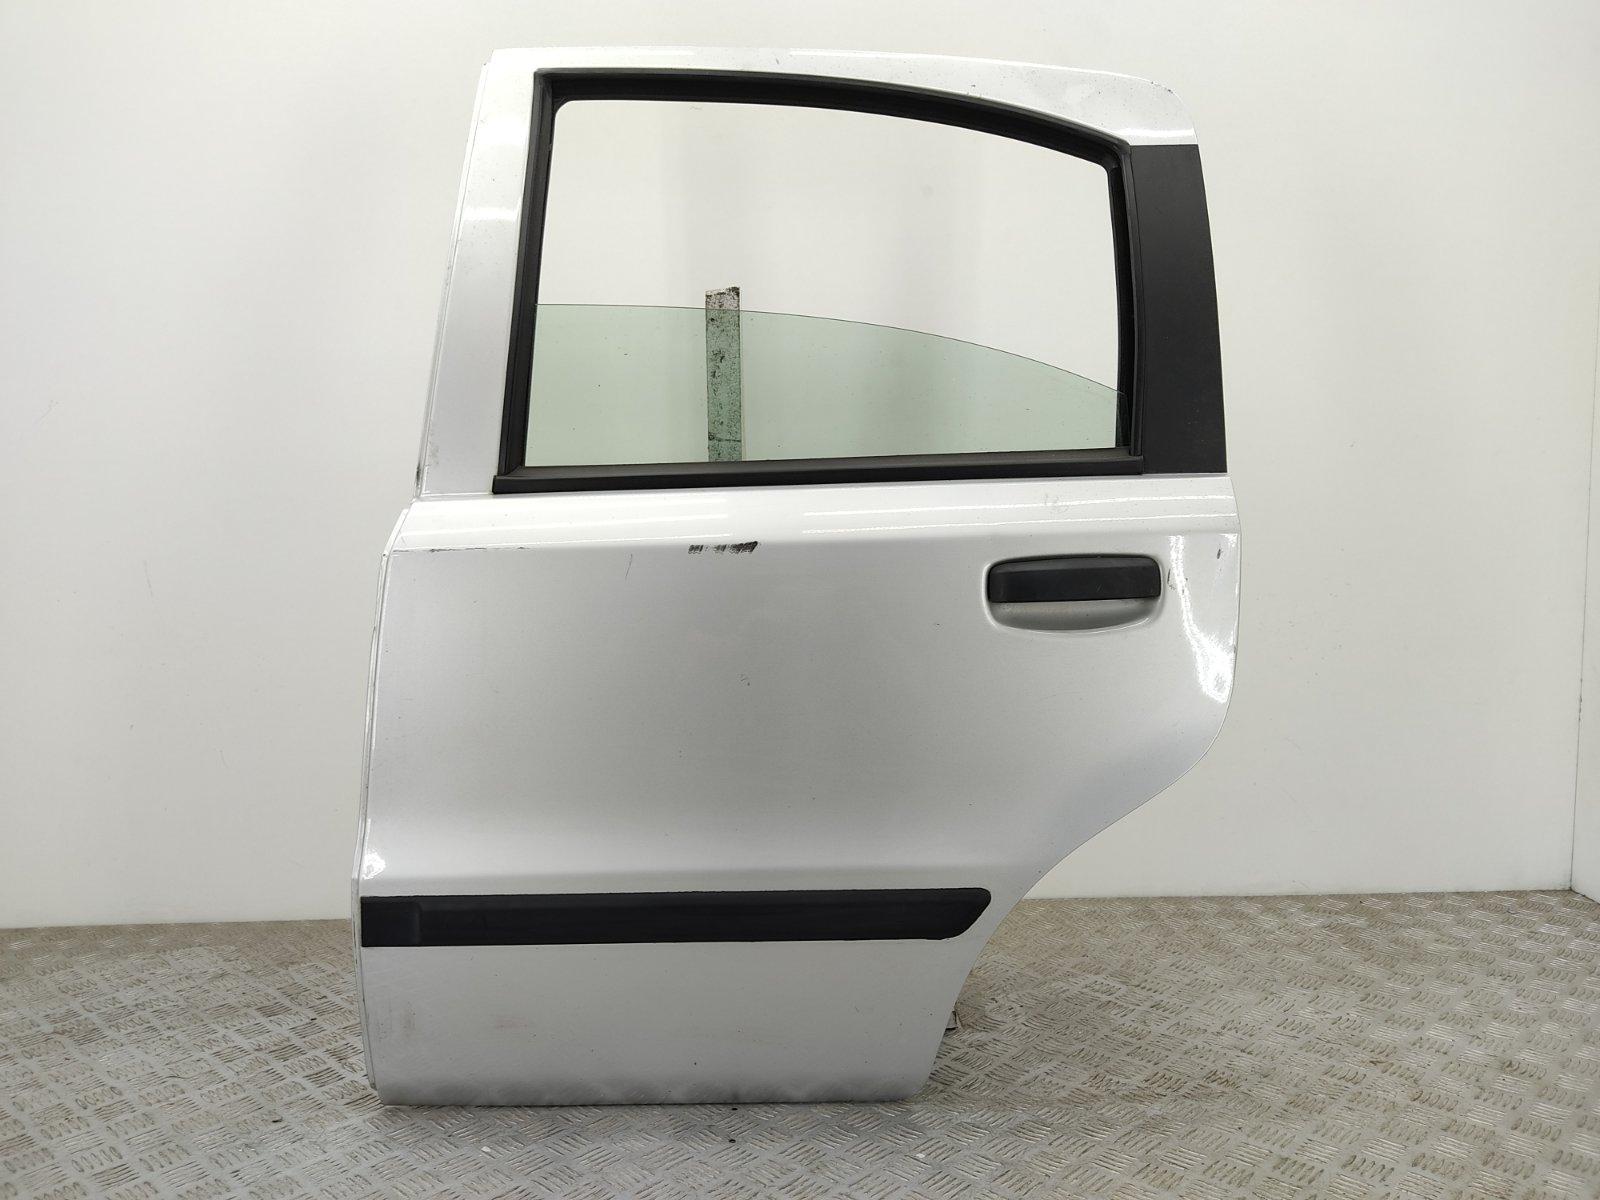 Дверь задняя левая Fiat Panda 1.2 I 2011 (б/у)